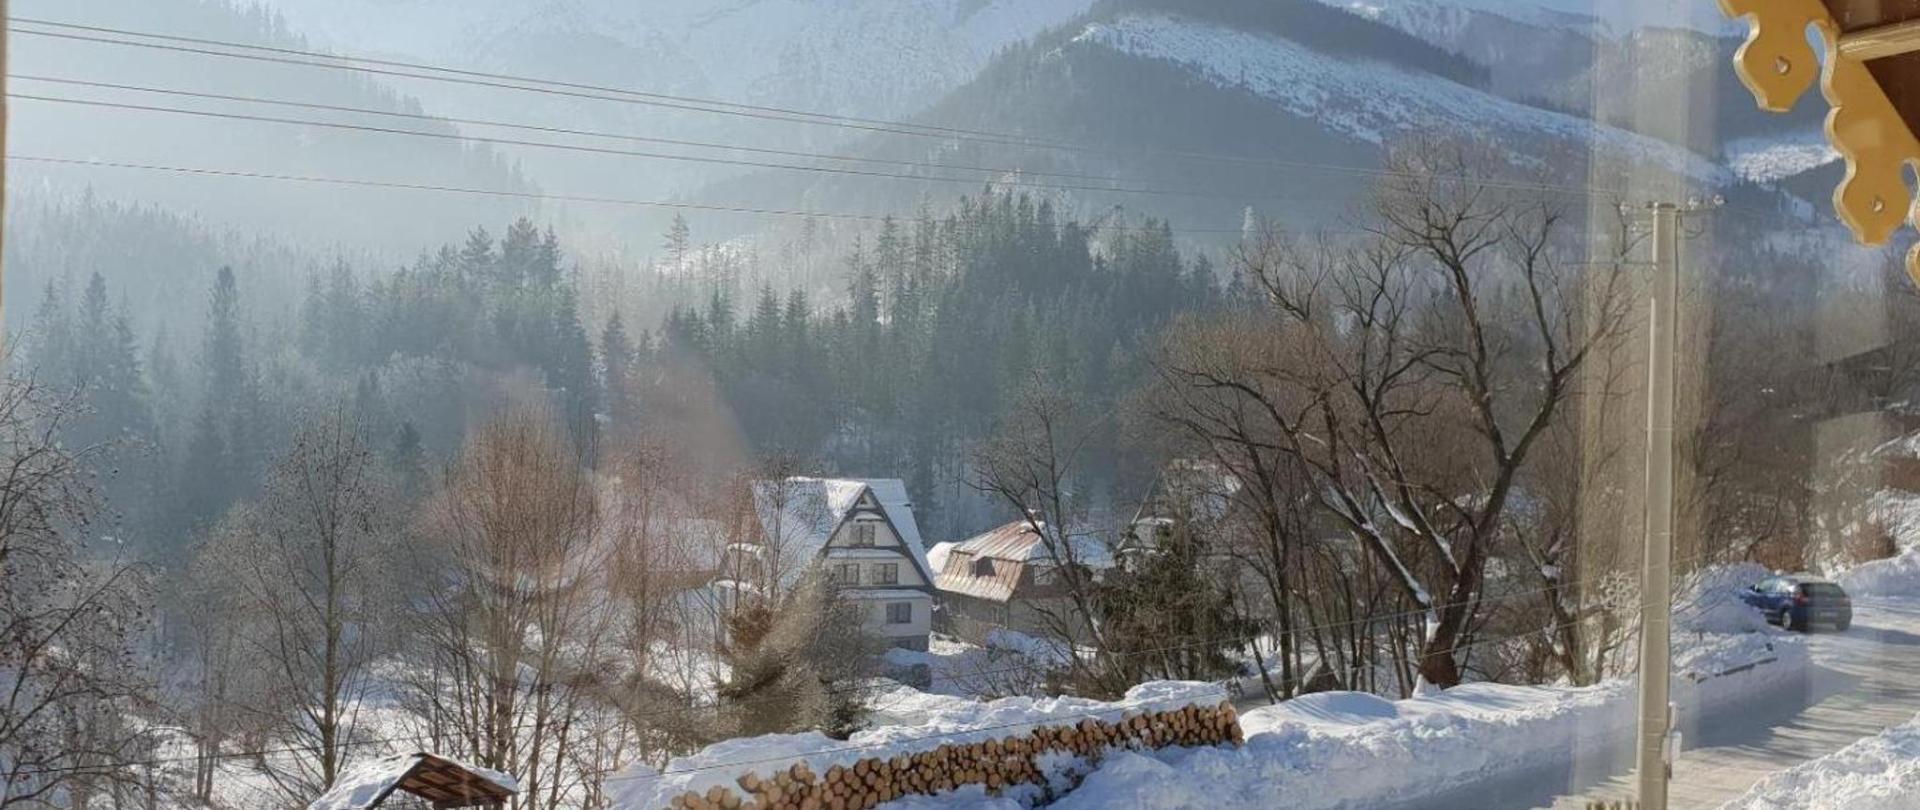 zdiar vyhlad penzion enrico slovakia vysoke tatry.jpg